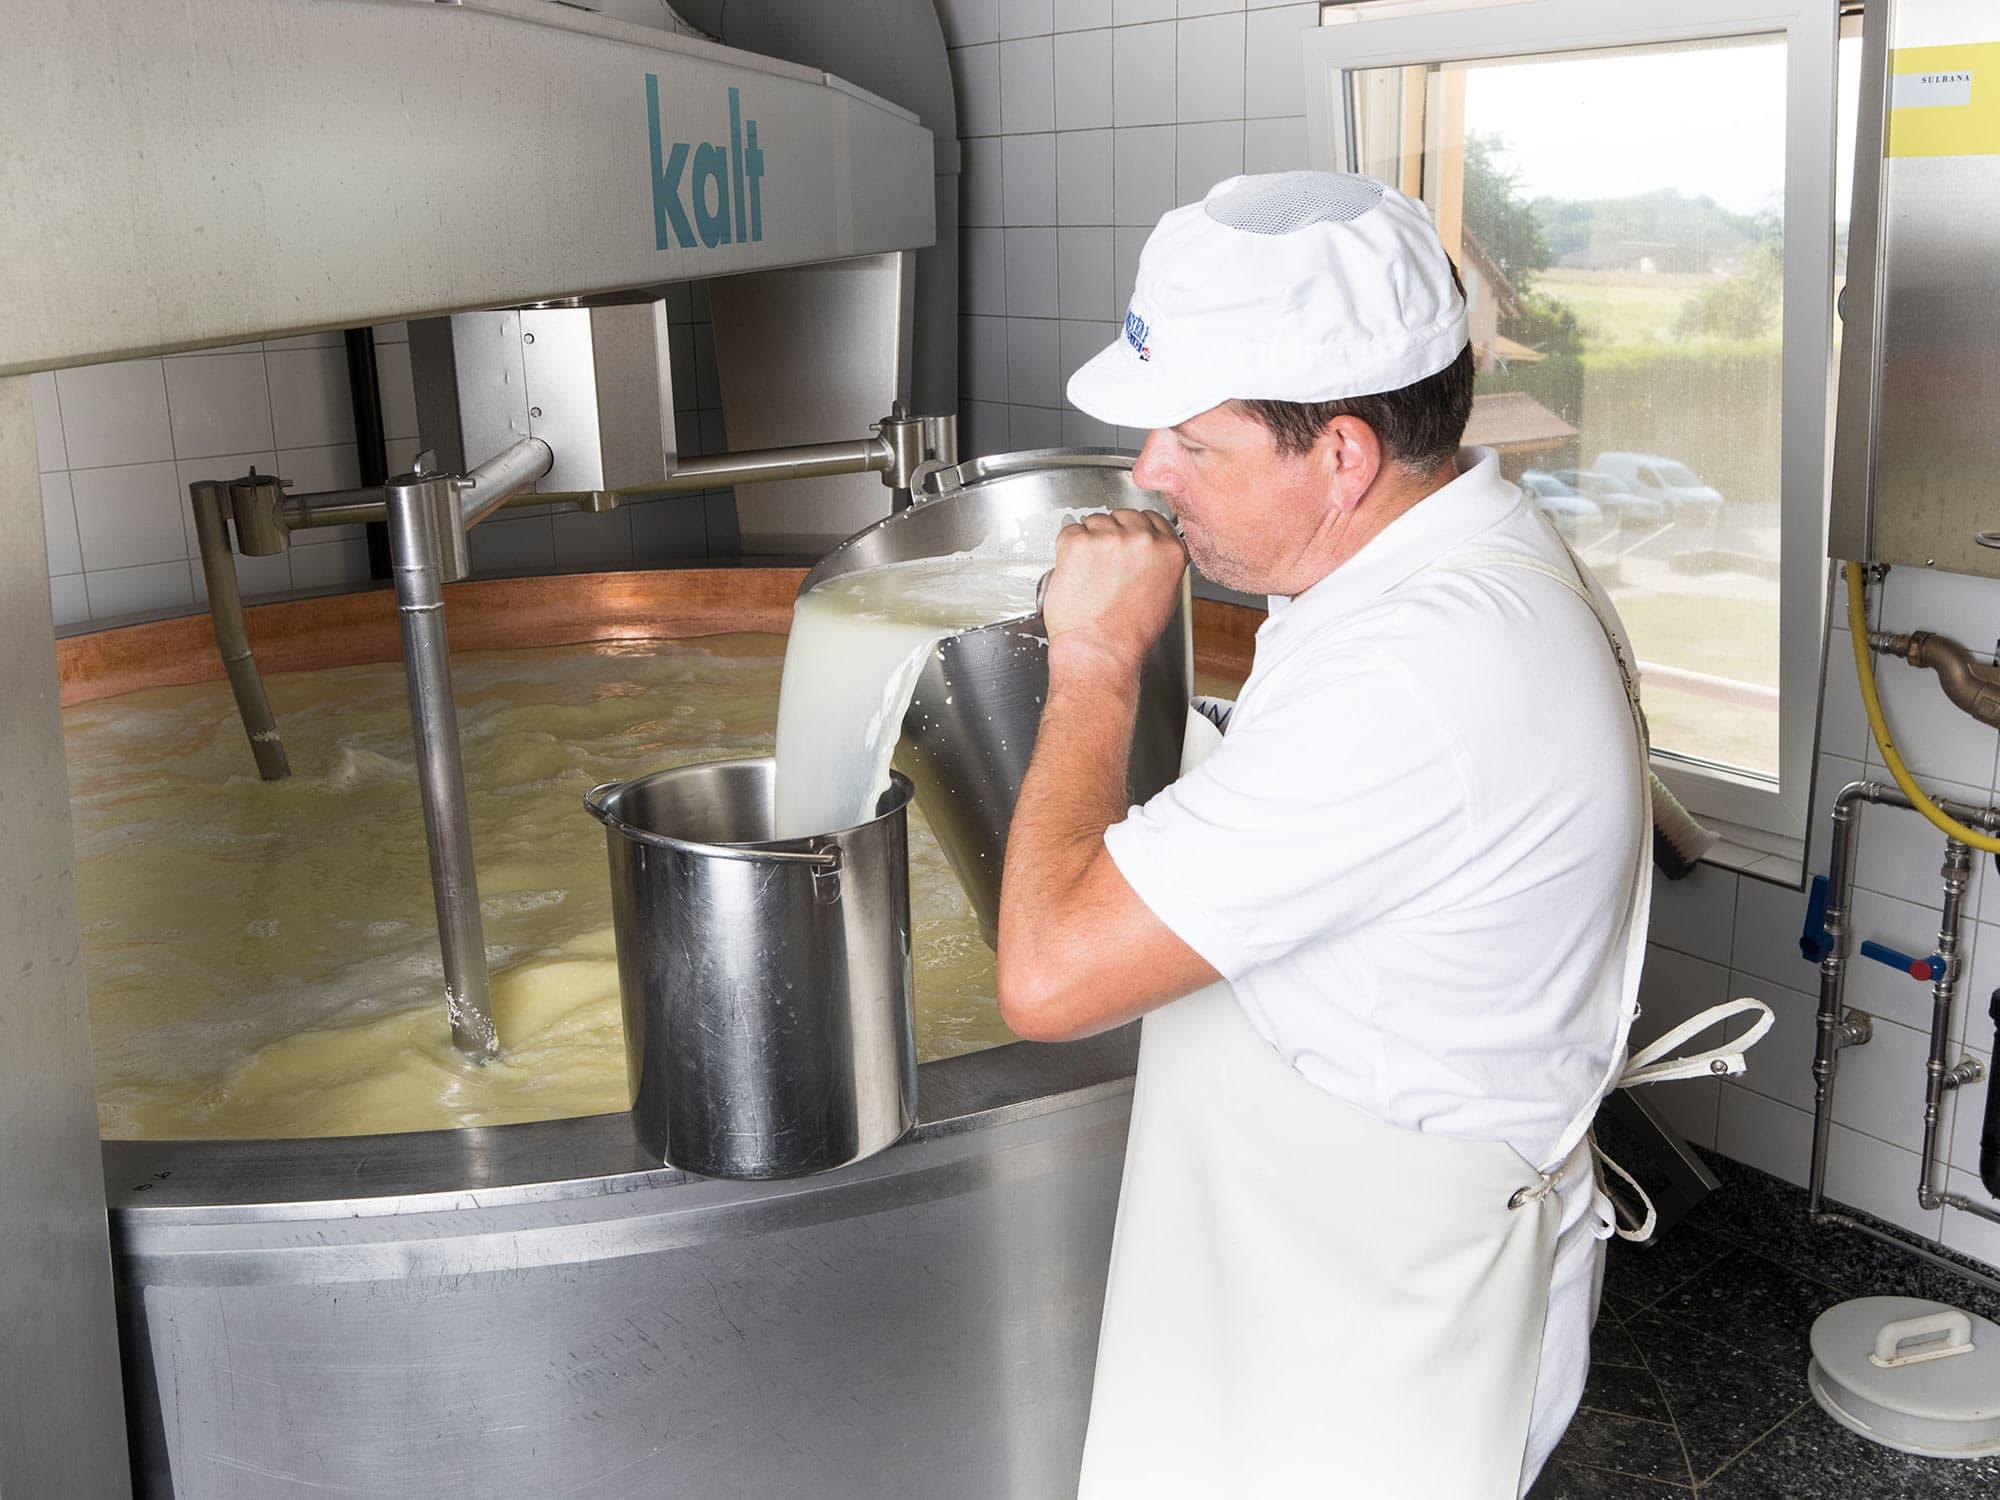 portrait corporate d'un fromager dans une entreprise en train de verser du lait dans une cuve